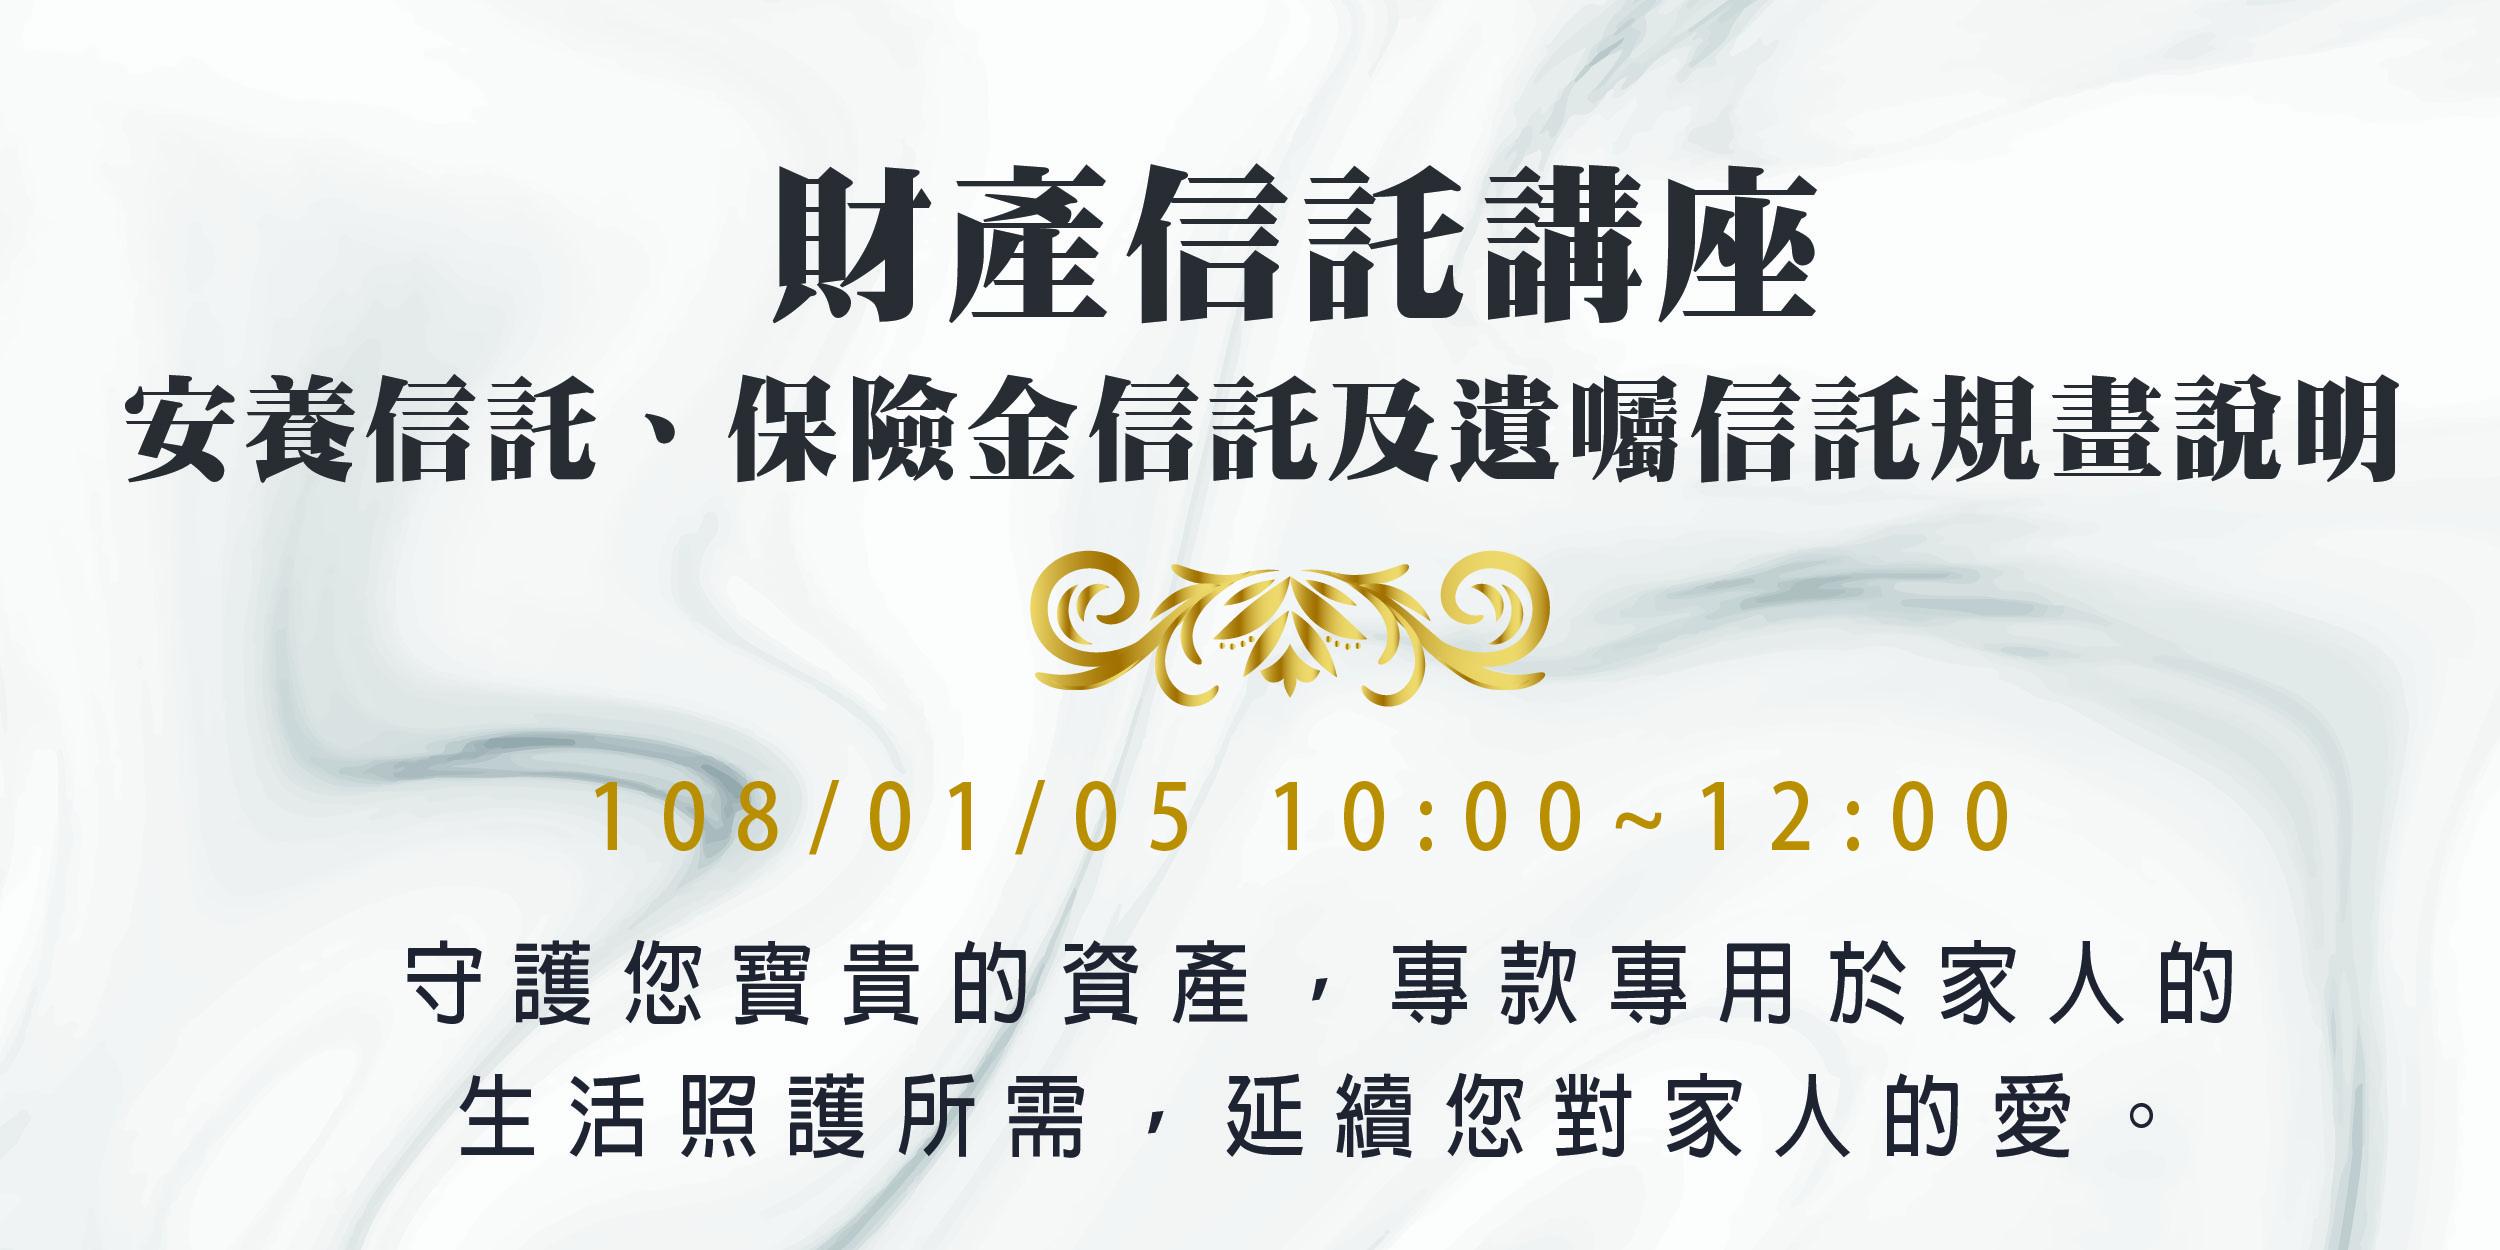 【報名截止】 公益講座 育成基金會x永豐銀行 財產信託講座 代表圖